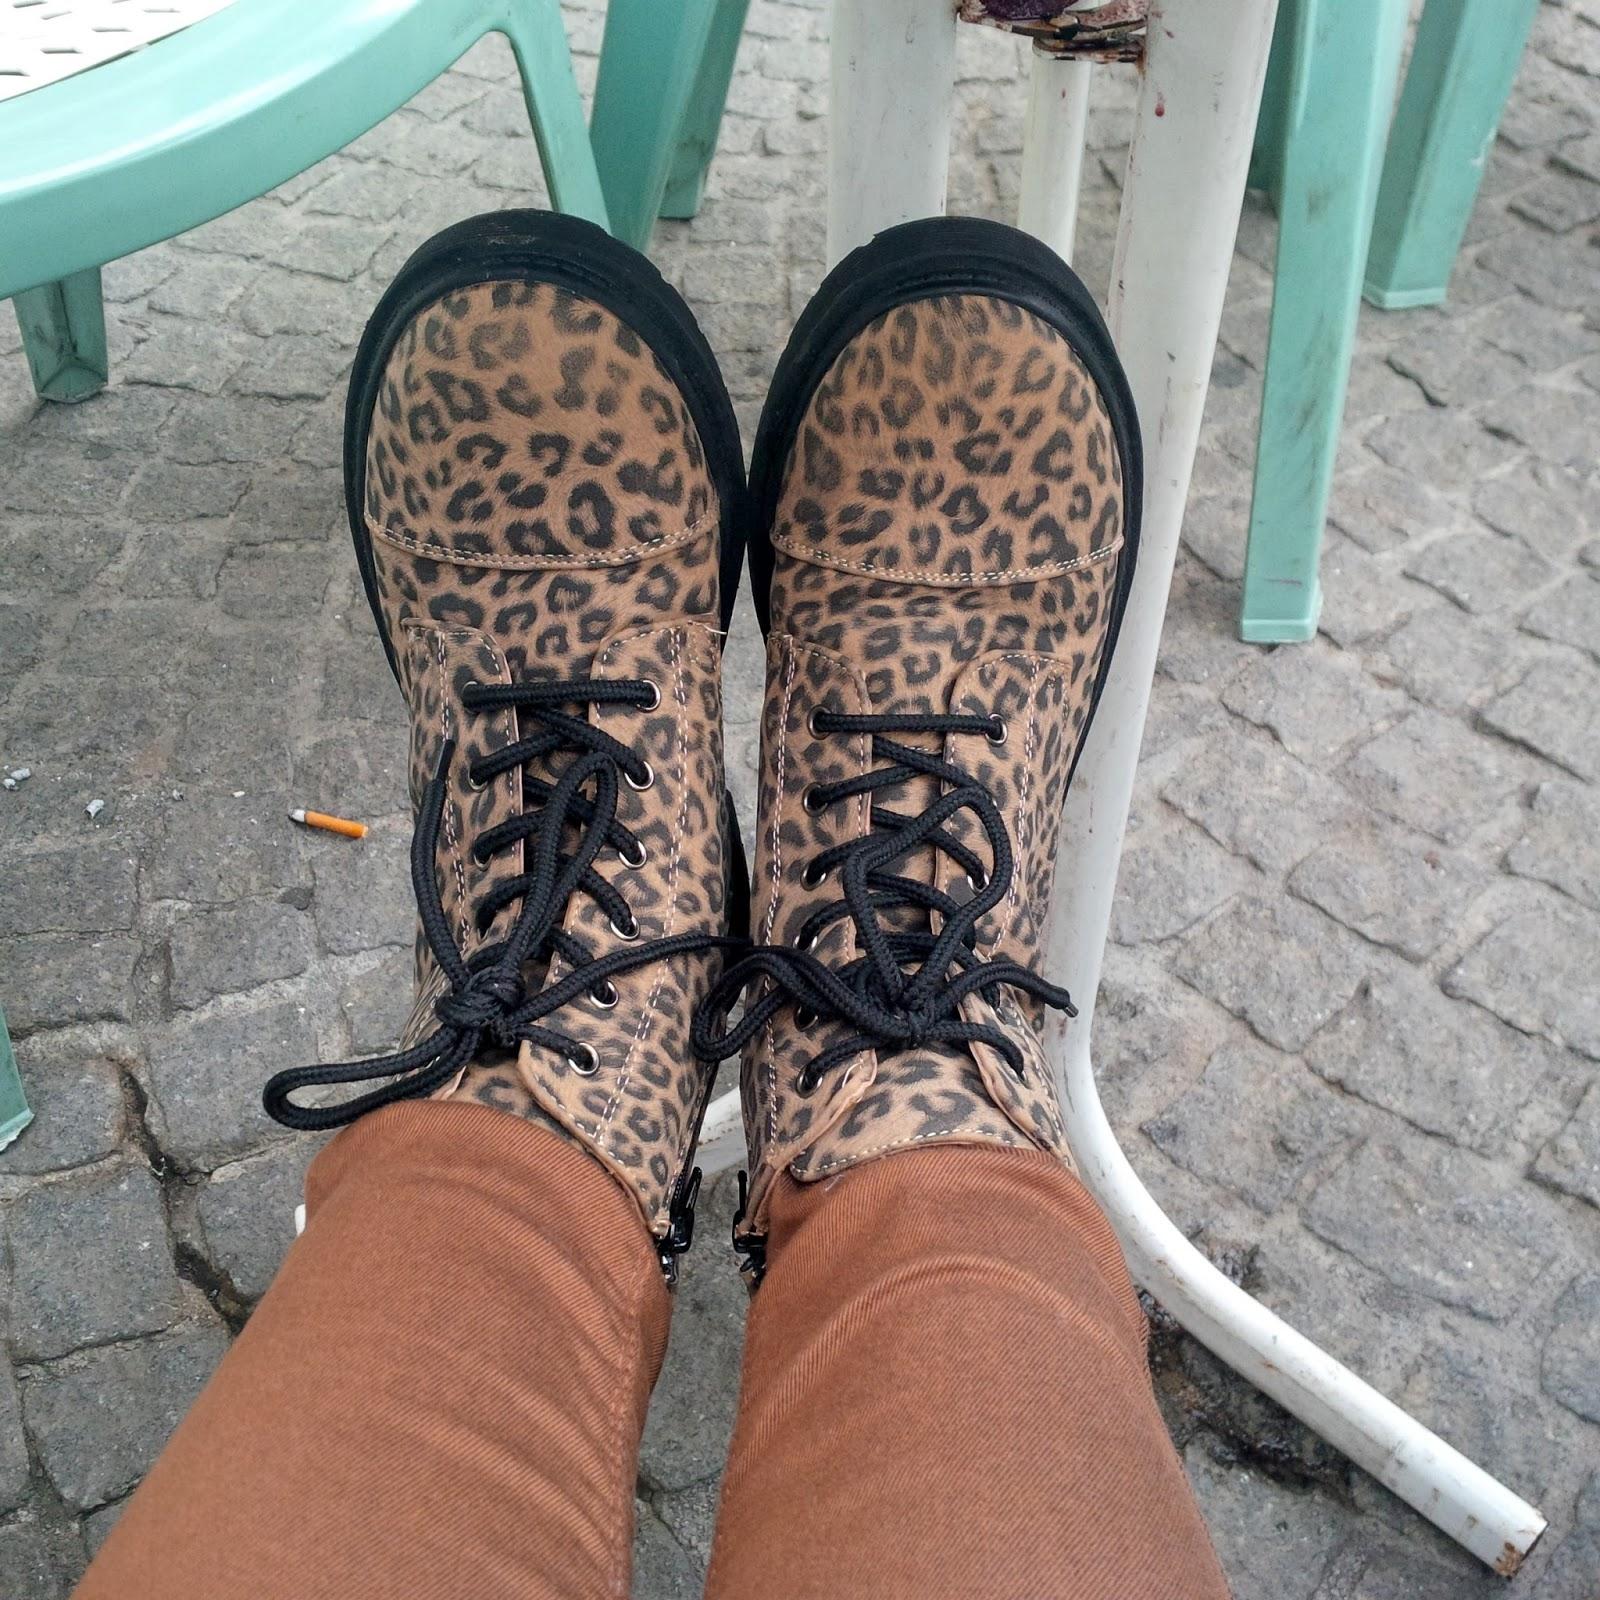 Dorothy Perkins Petite Jeans, Leopard Print DM's | Petite Silver Vixen